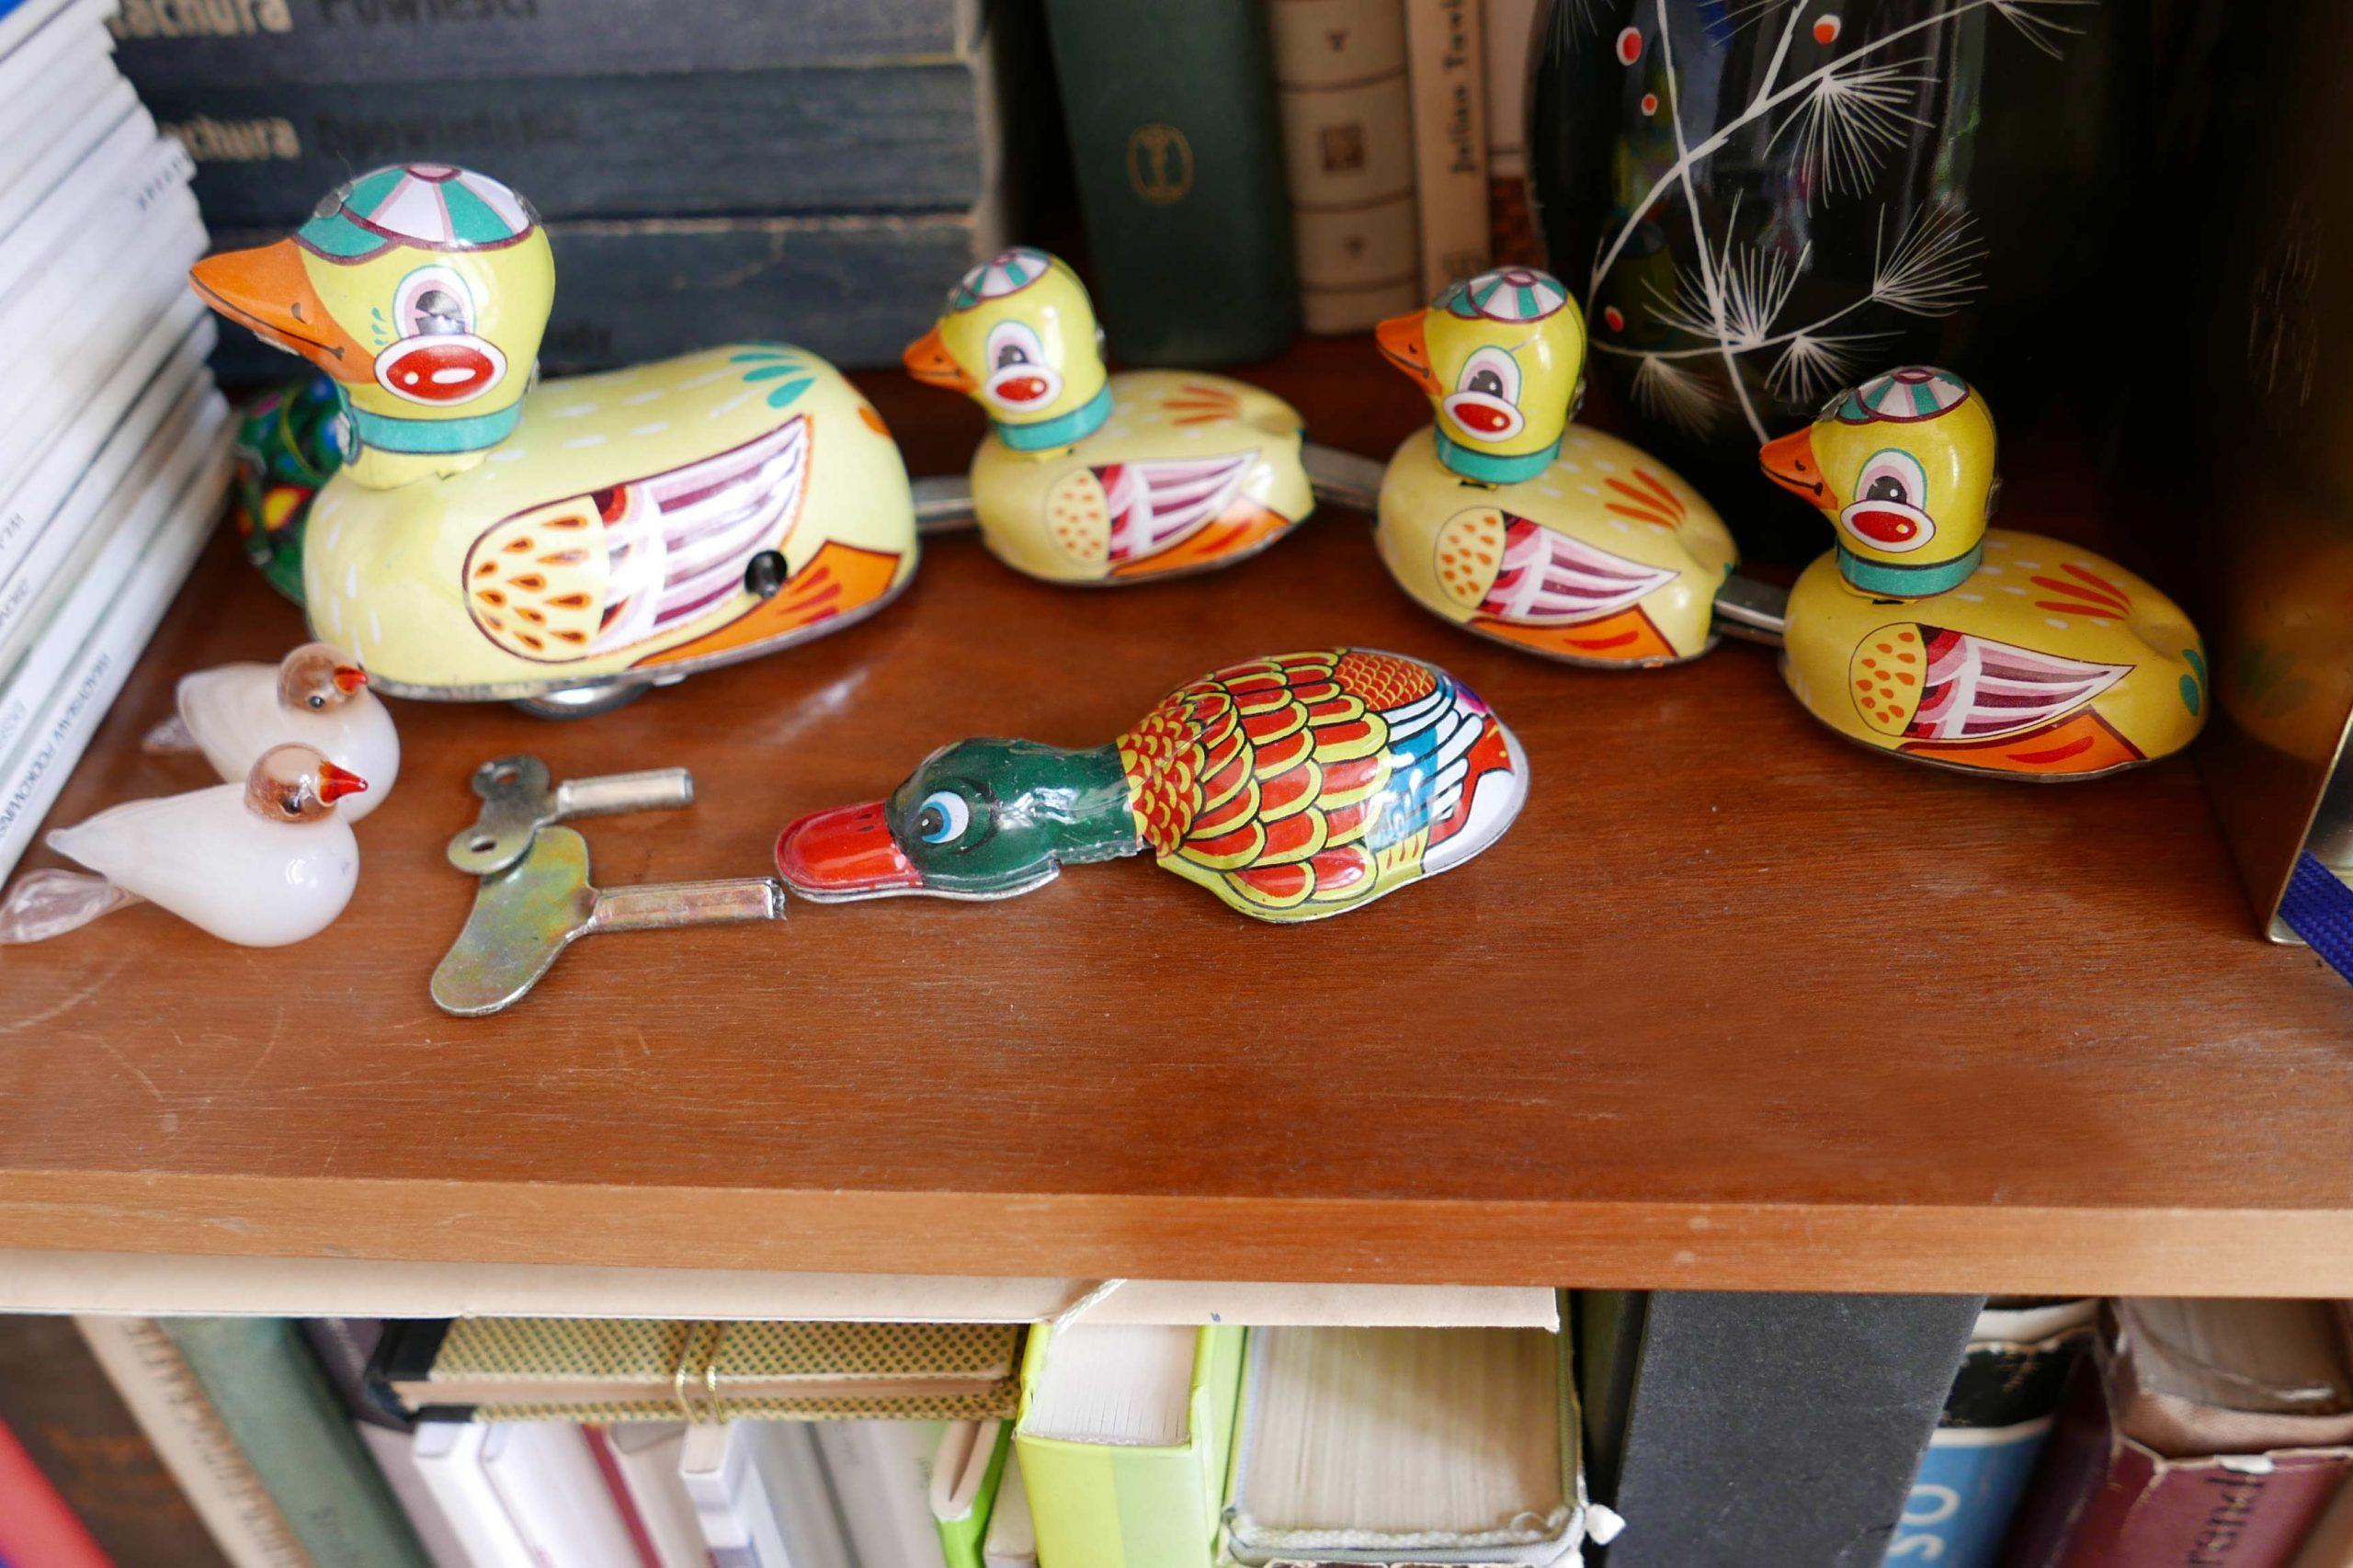 Blechspielzeug Ente mit kleinen Entlein im Regal